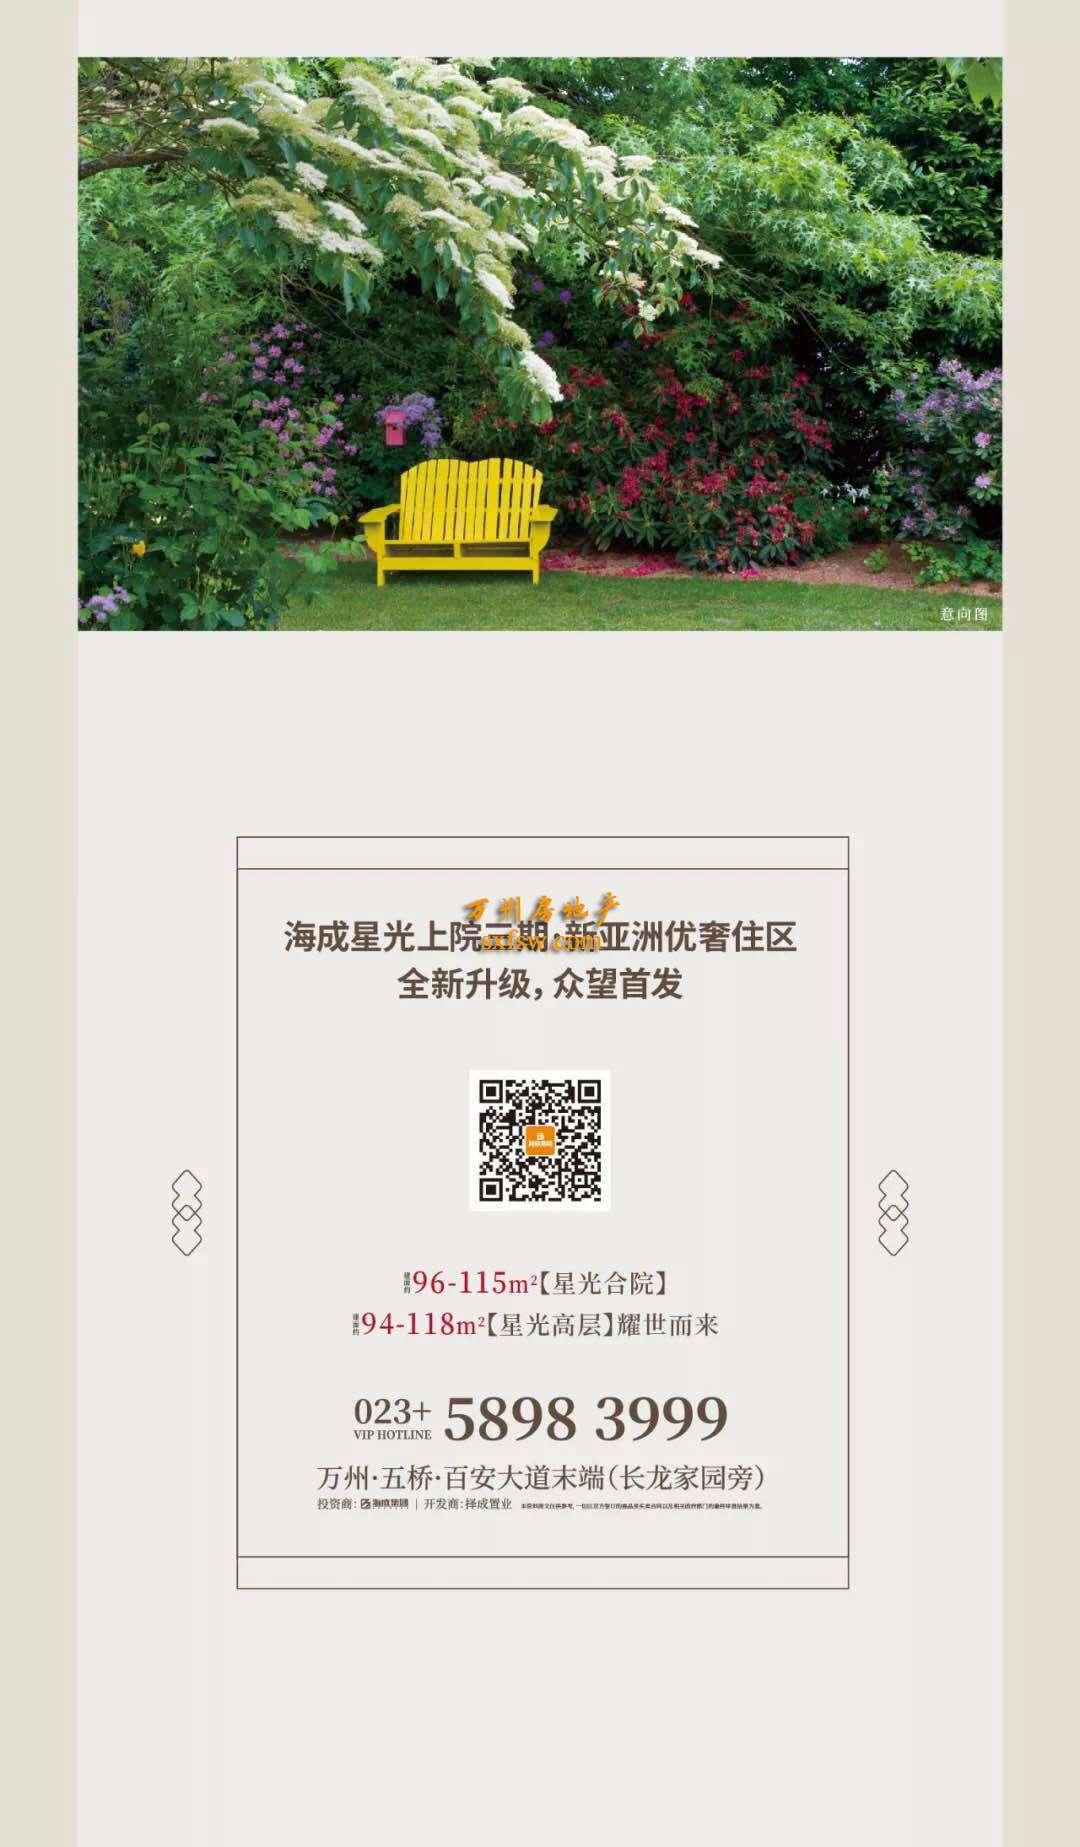 微信图片_20200215145131.jpg